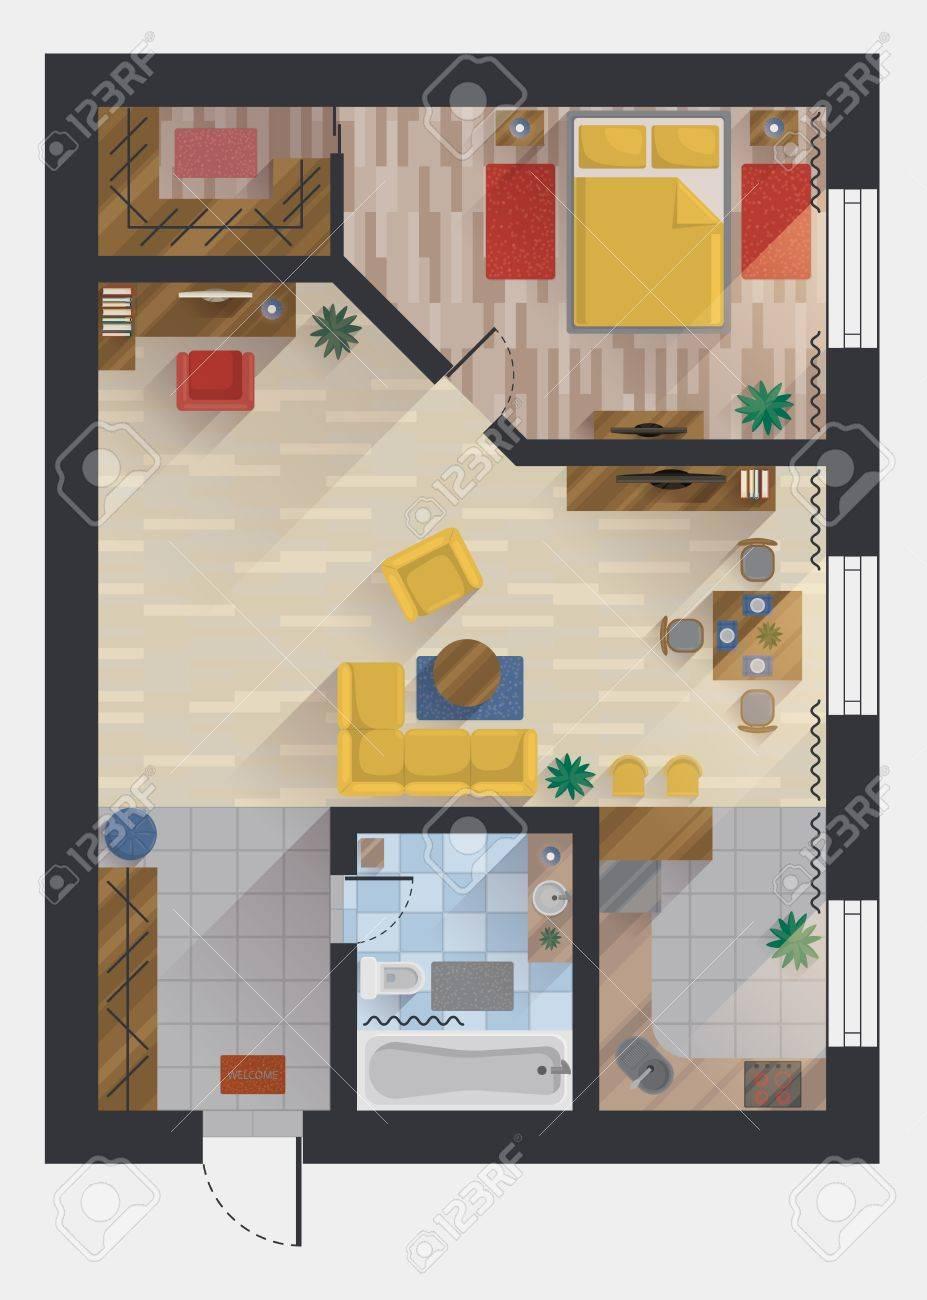 Wohnung oder wohnung haus oder grundrissgestaltung draufsicht planung oder der gestaltung studio und schlafzimmer